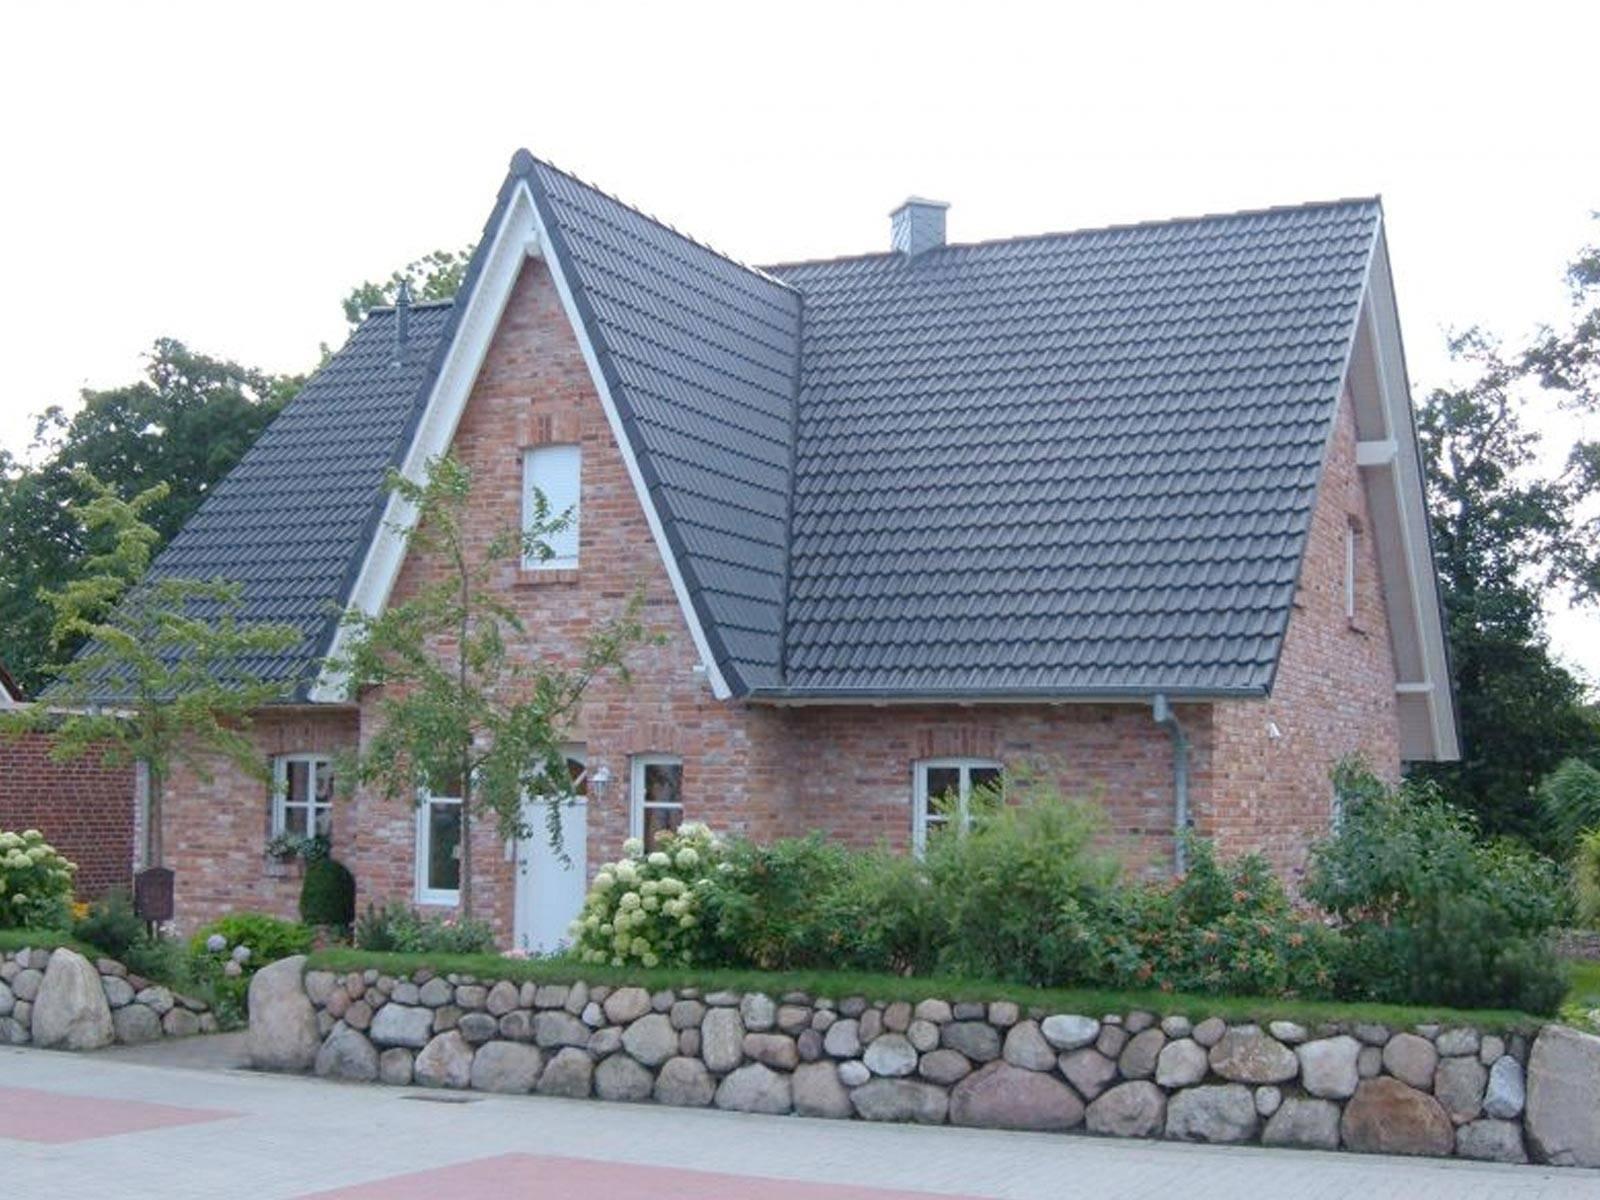 Friesenhaus Sylt Poggenburg Holzbau